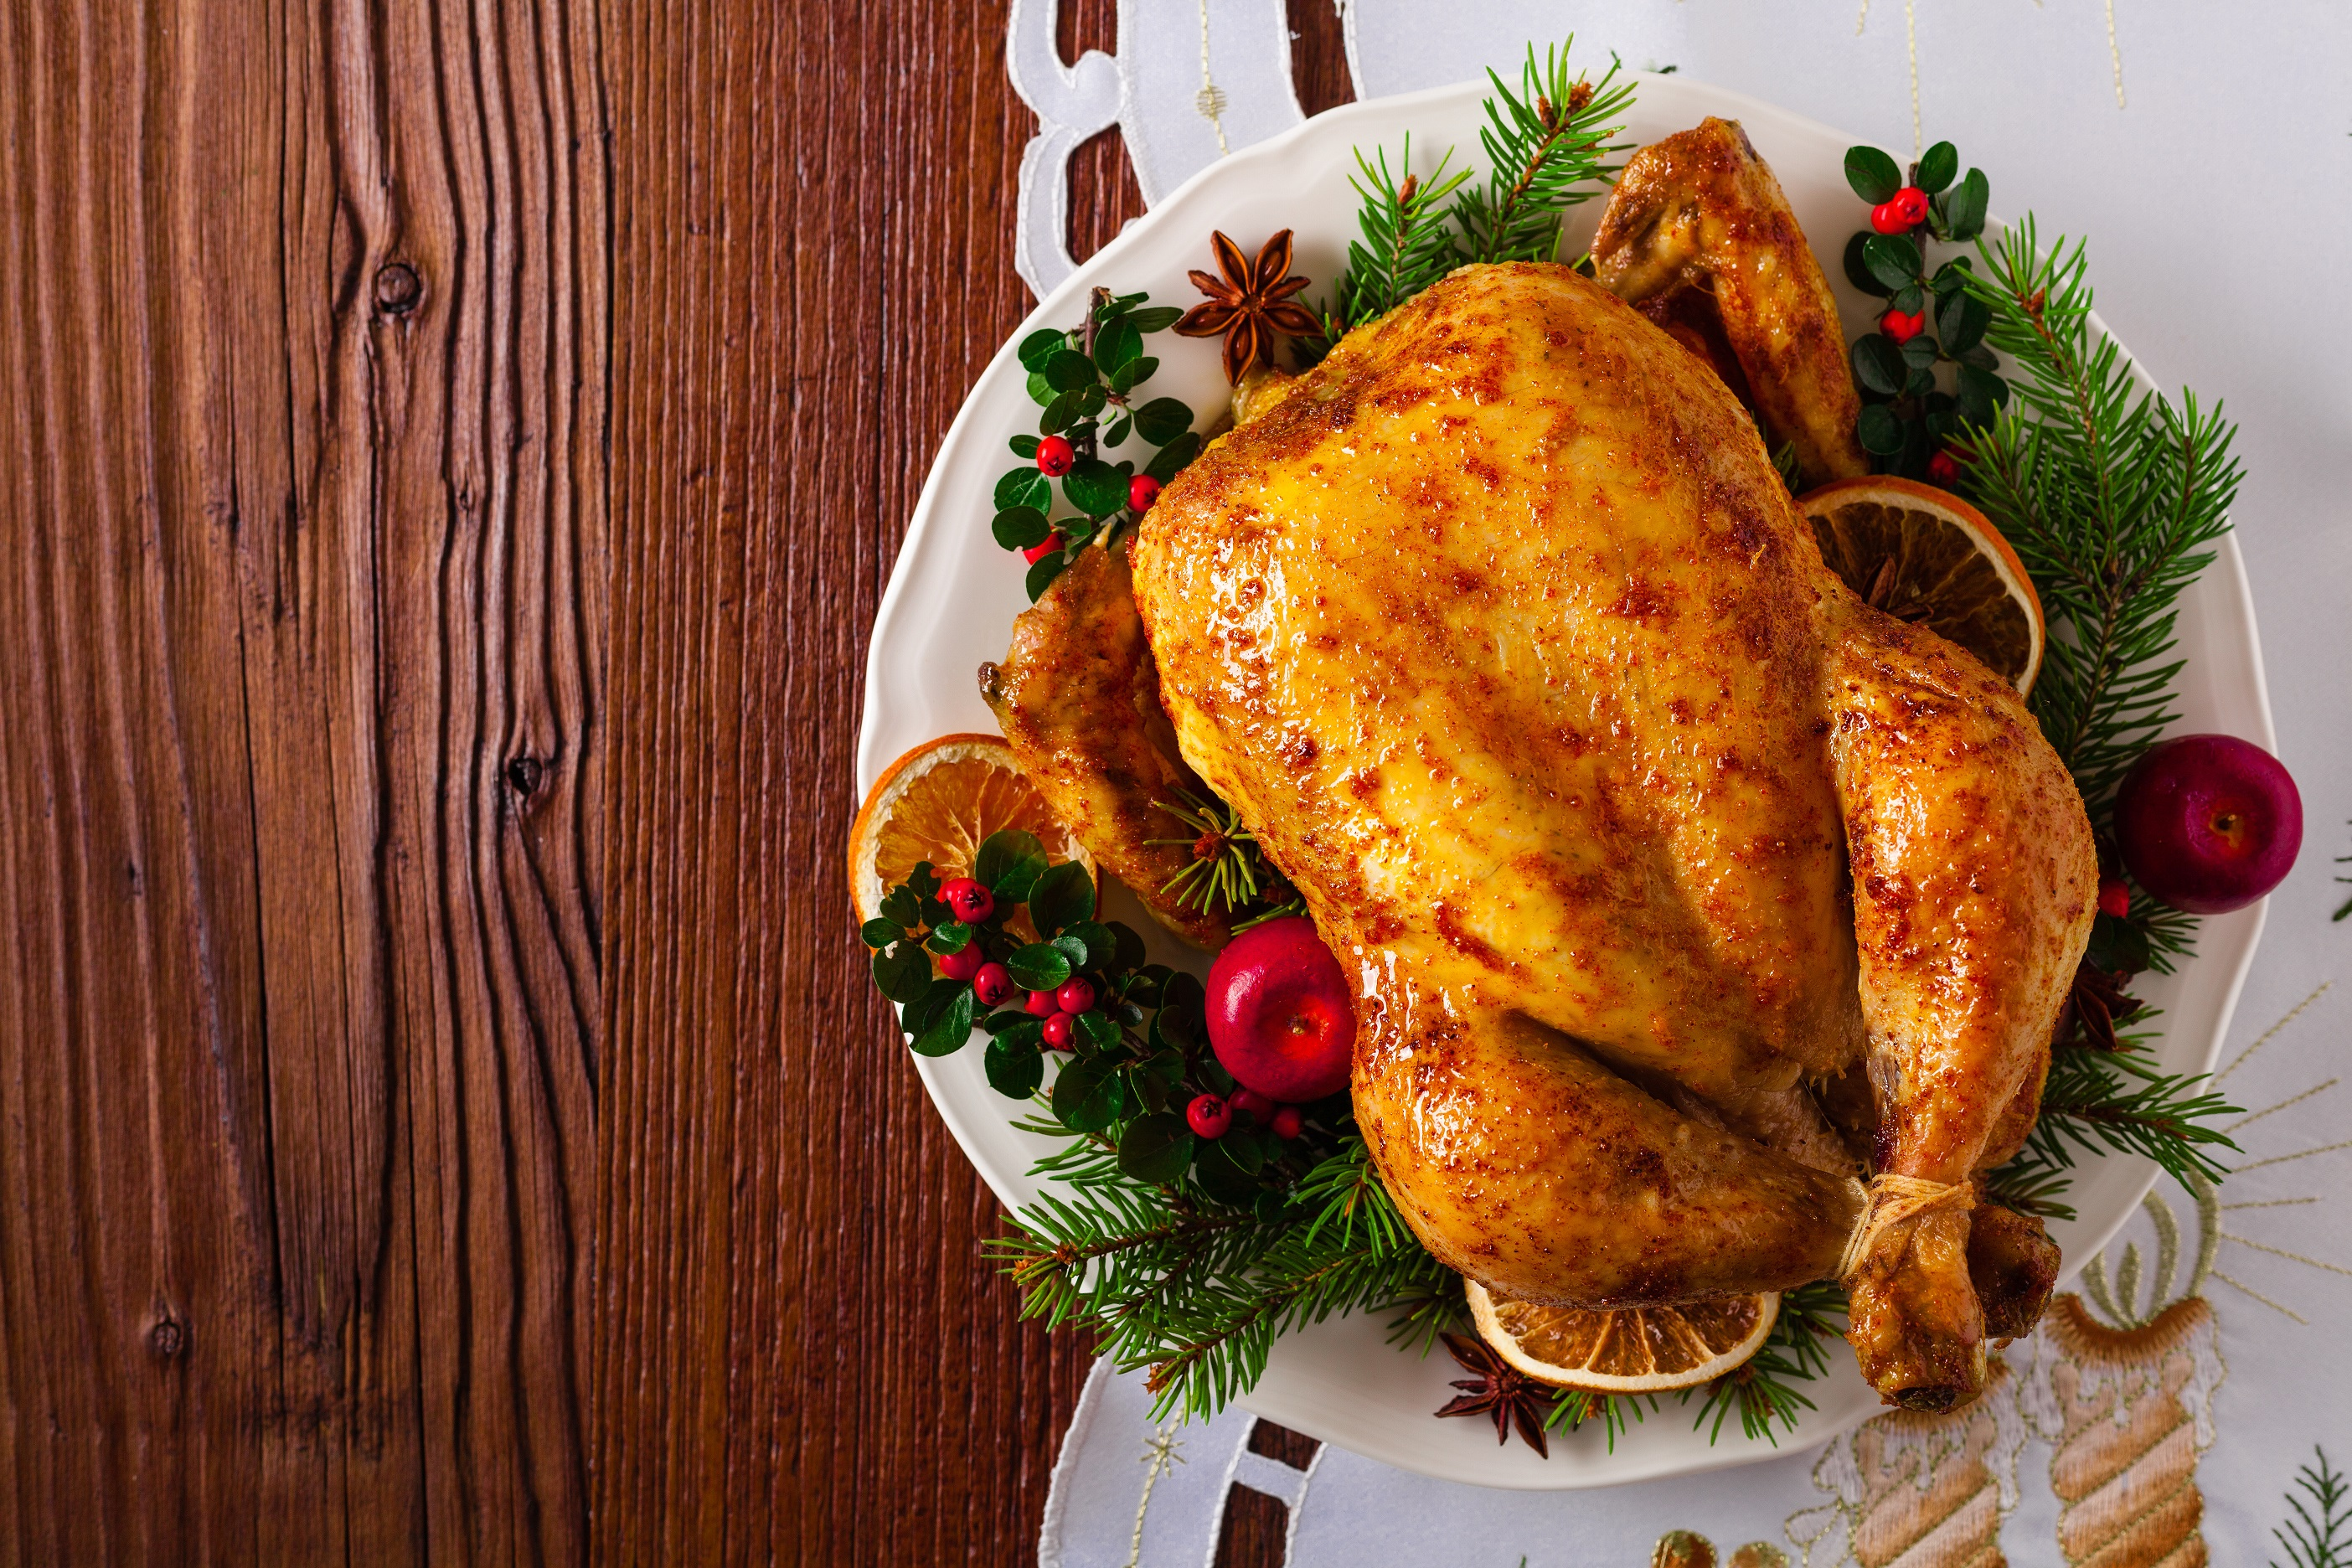 Turkey - healthier alternative for pork?